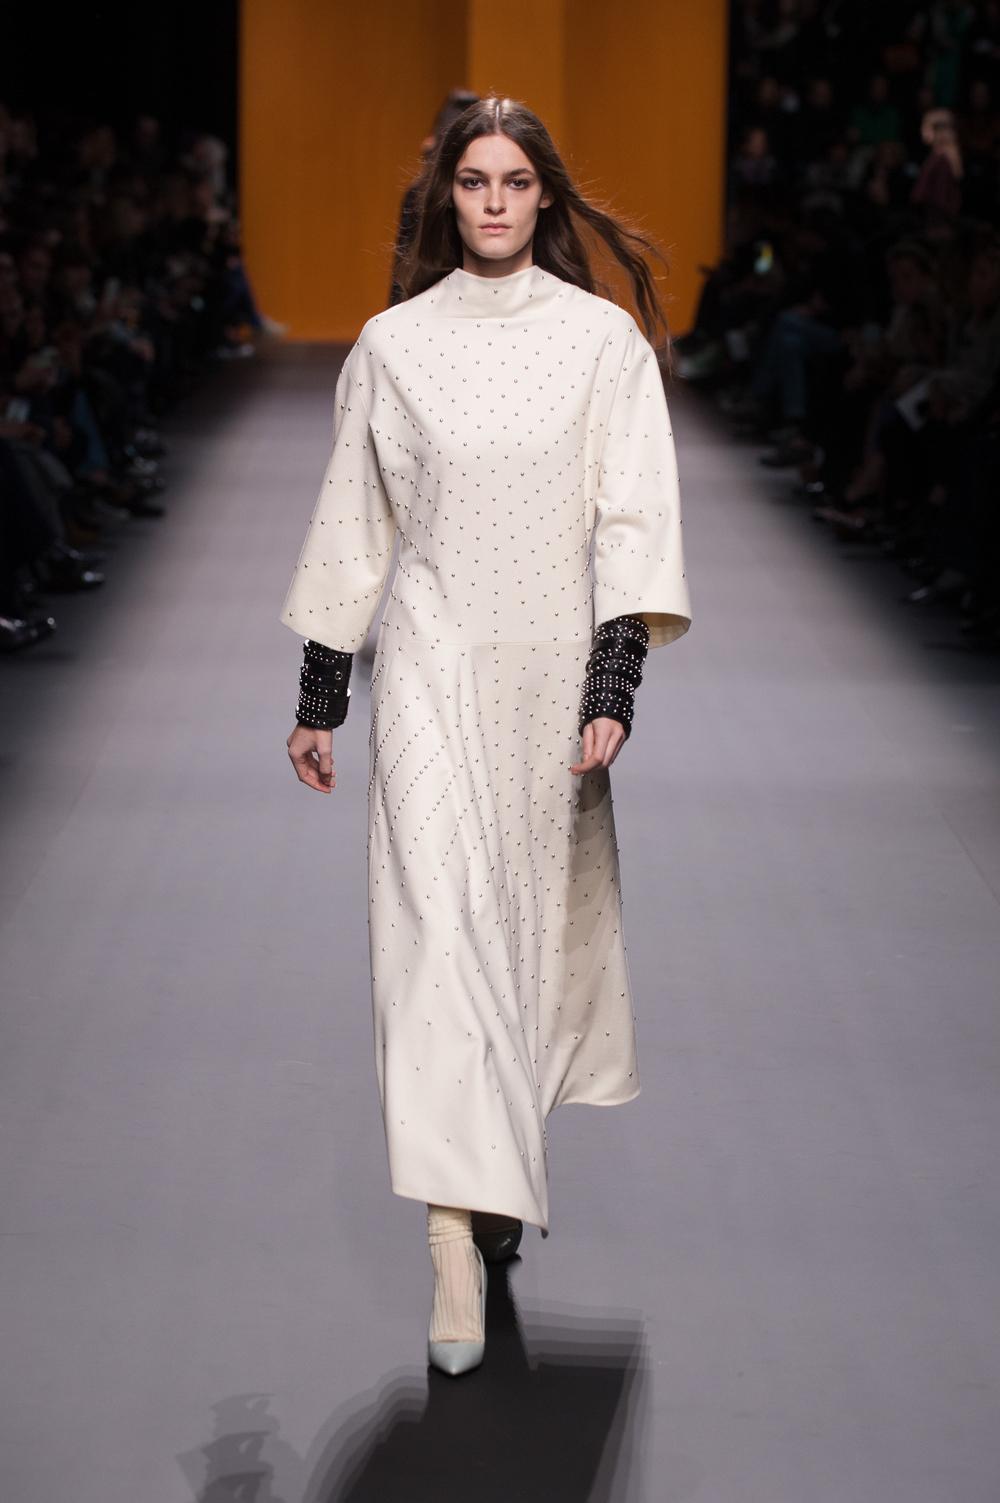 Hermès - PAP FEMME AH16 - Crédit Jean-François José - Look 36.JPG